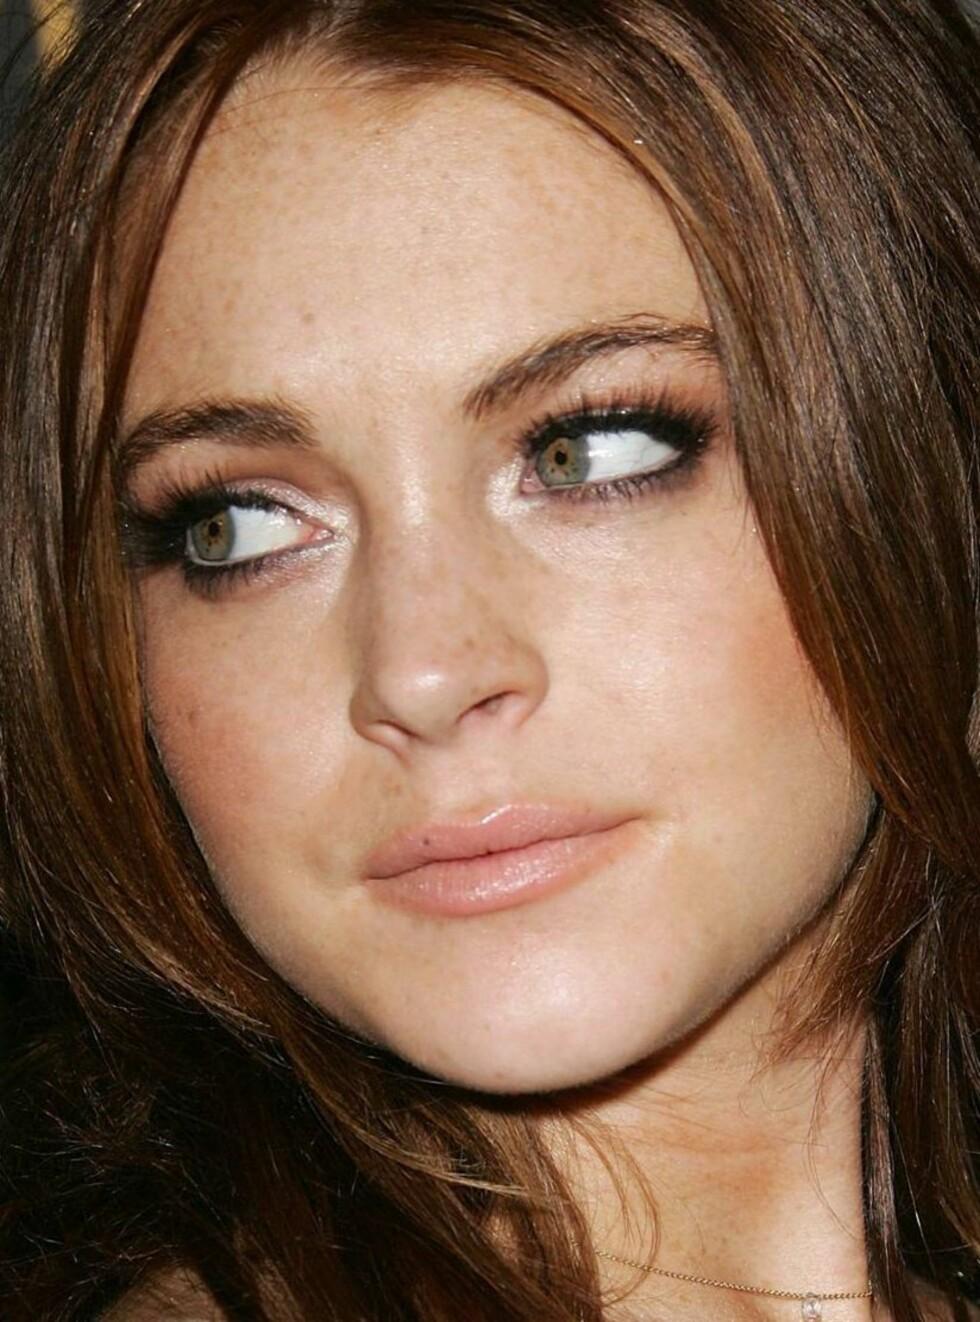 SNART VOKSEN: Lindsay måtte hente fram dystre følelser i sin nye film. Foto: All Over Press